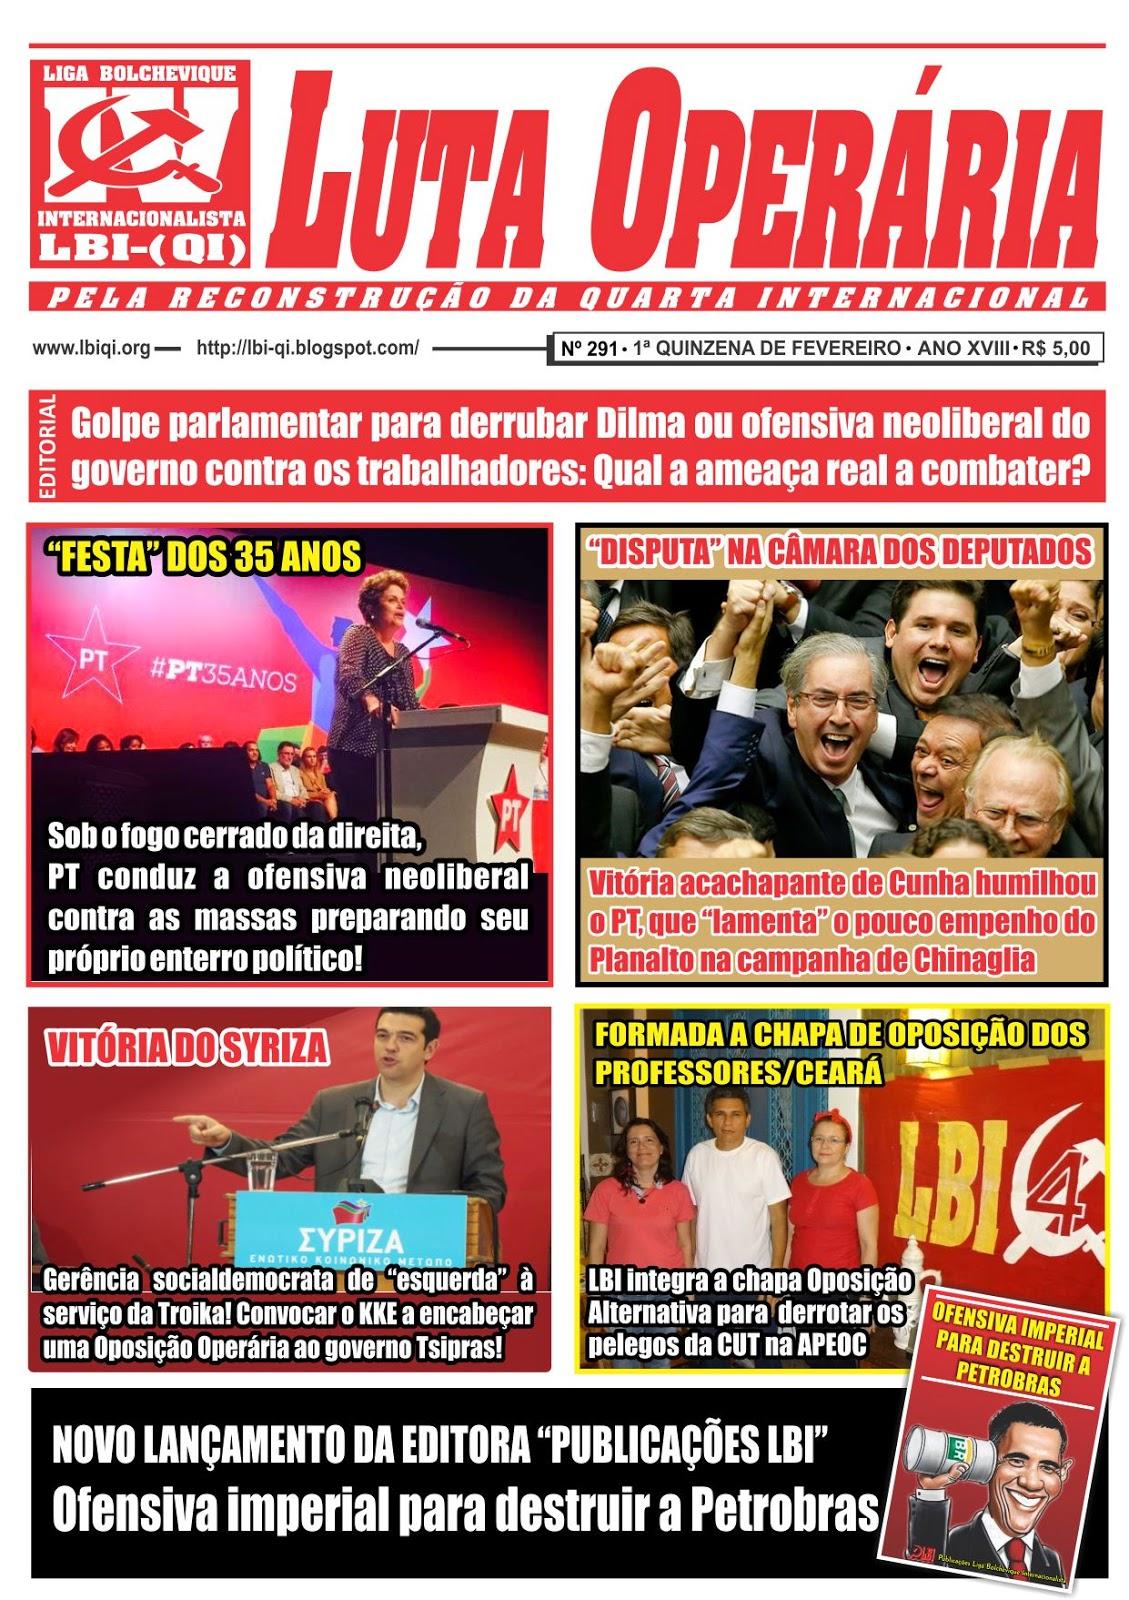 LEIA A EDIÇÃO DO JORNAL LUTA OPERÁRIA Nº 291, 1ª QUINZENA DE FEVEREIRO/2015